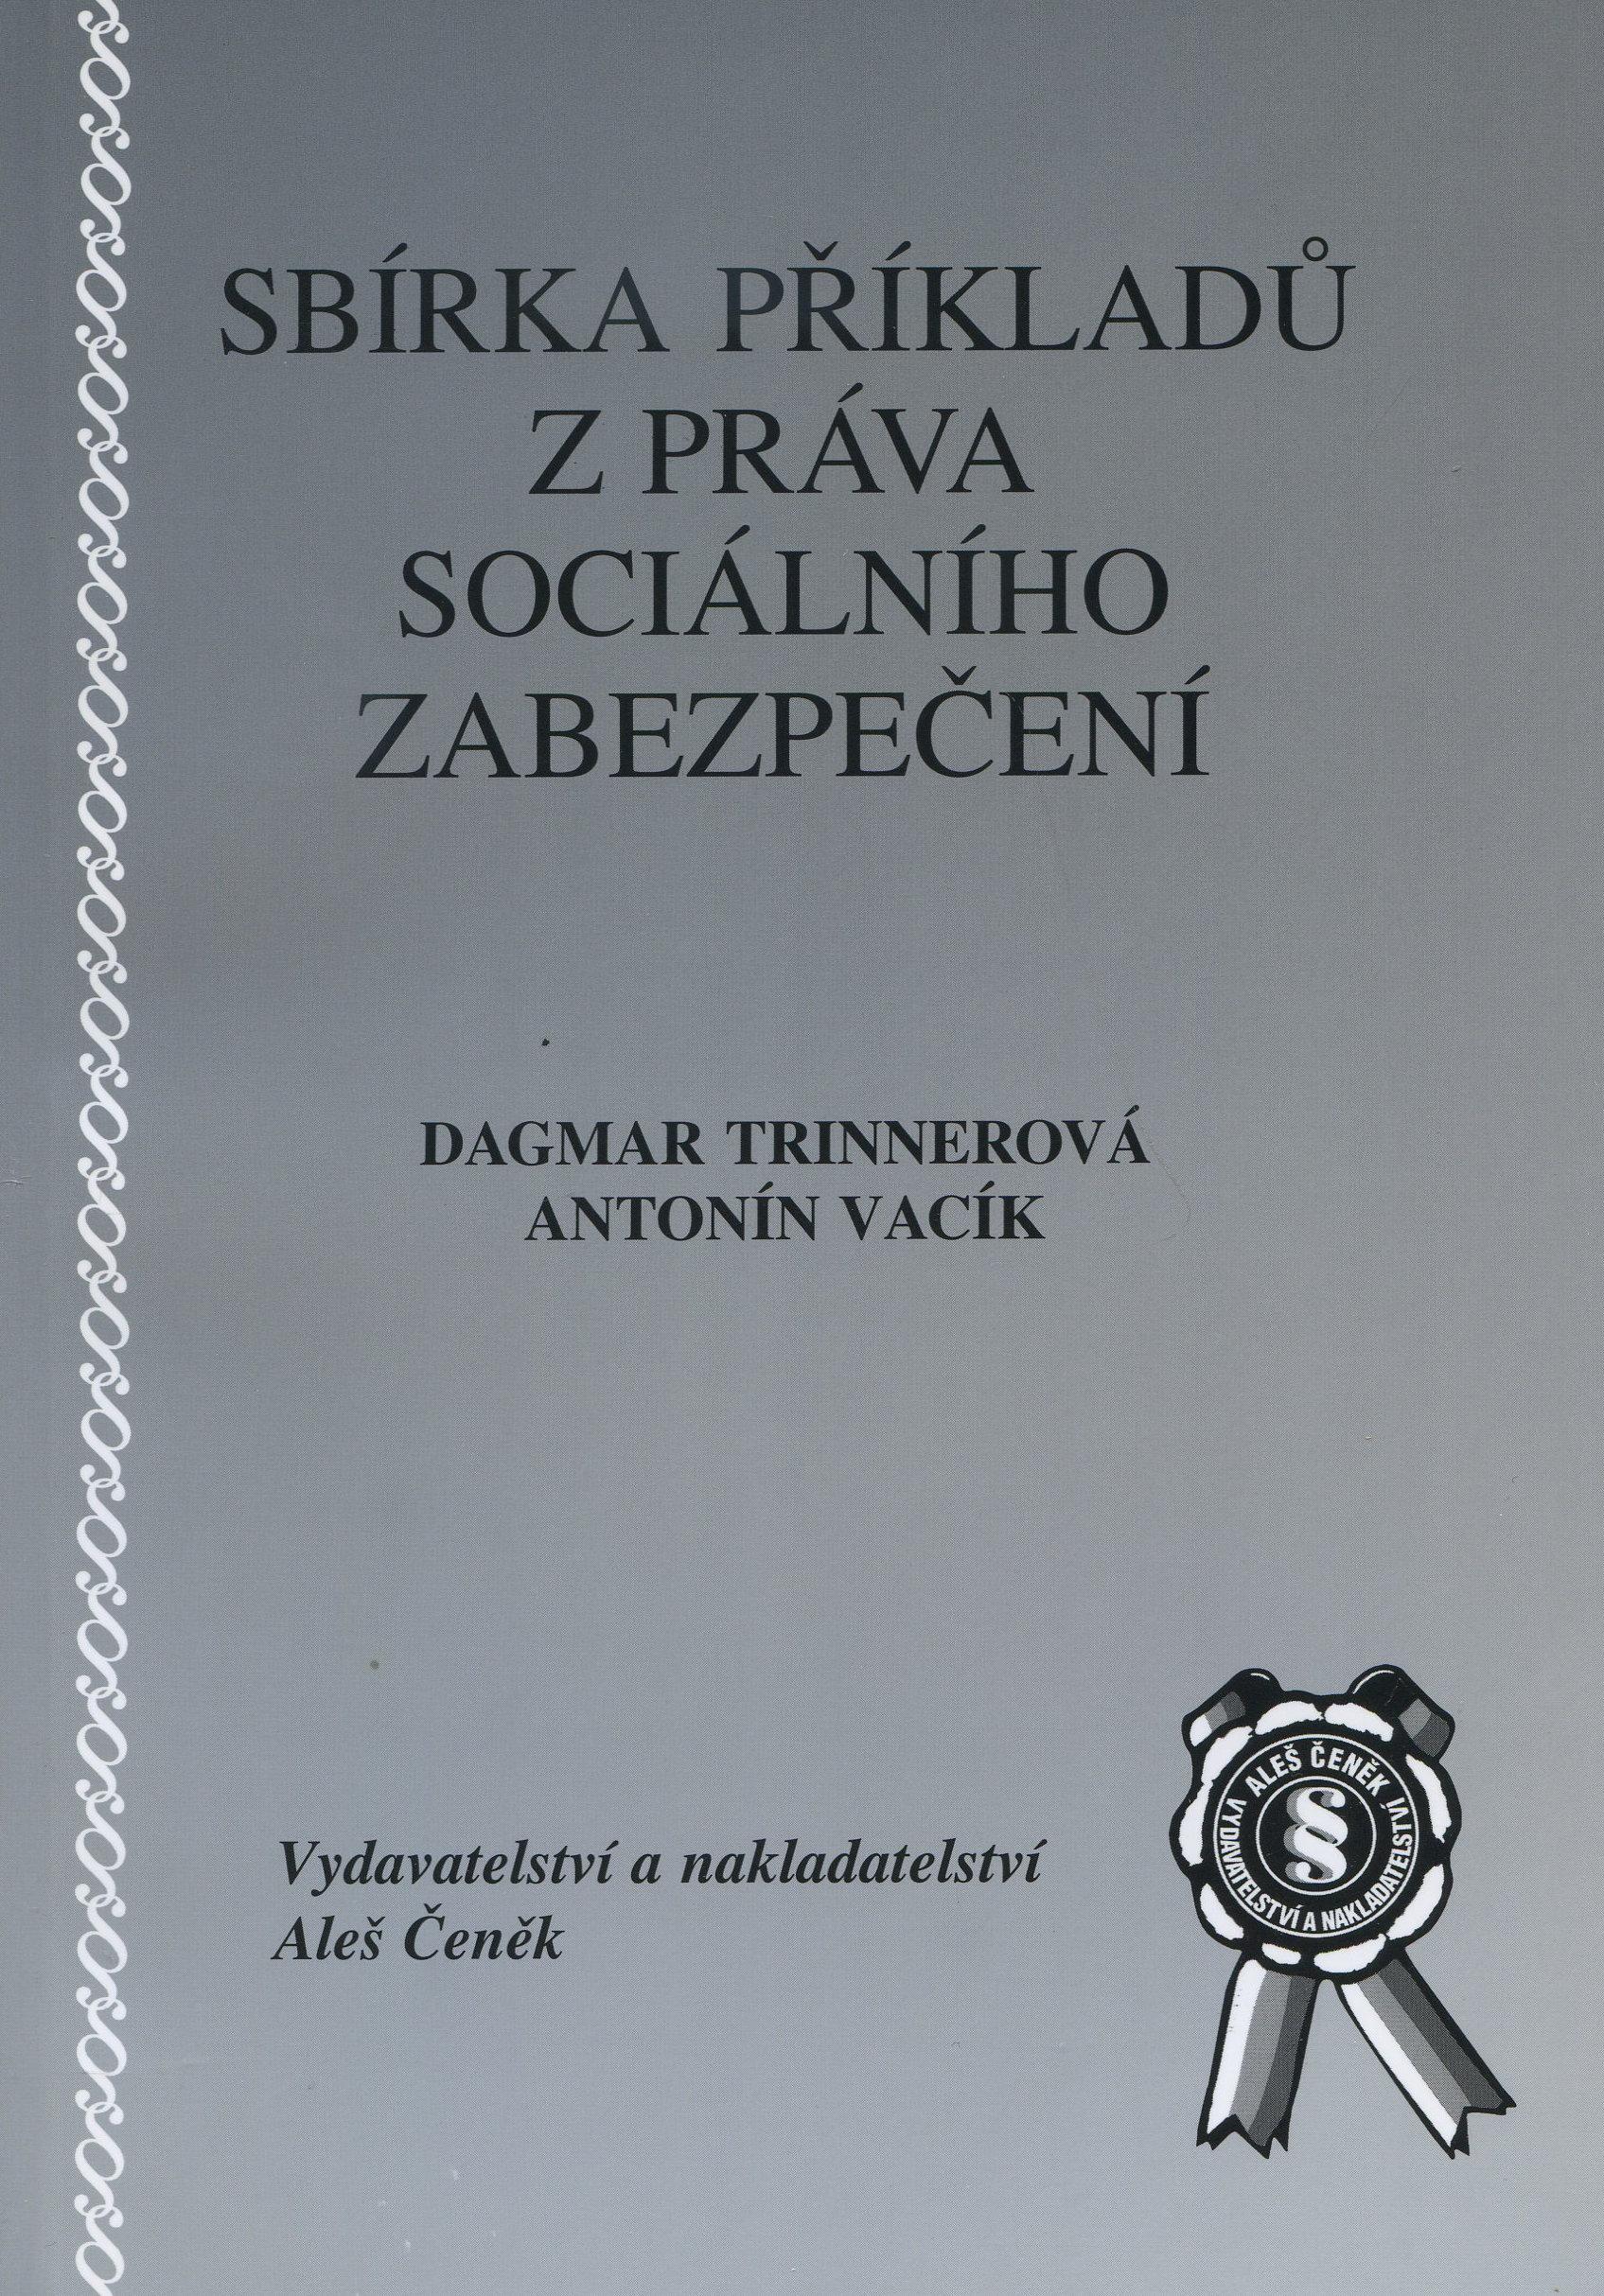 Sbírka příkladů z práva sociálního zabezpečení